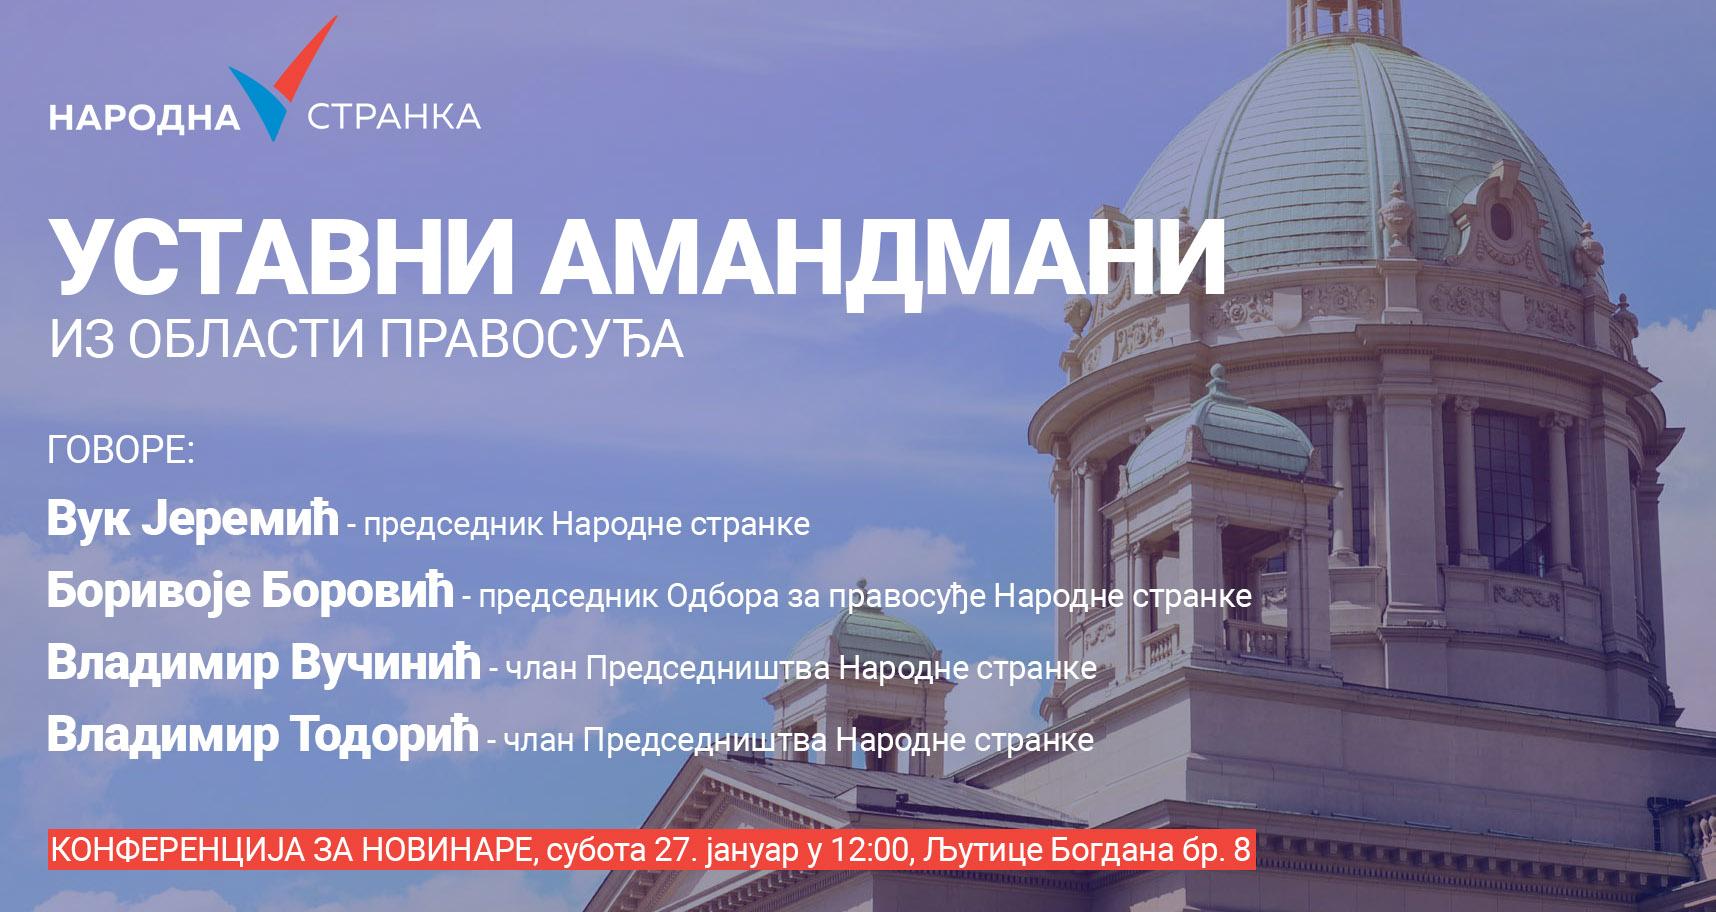 Конференција за новинаре Народне странке, субота, 27. јануар, у 12 сати